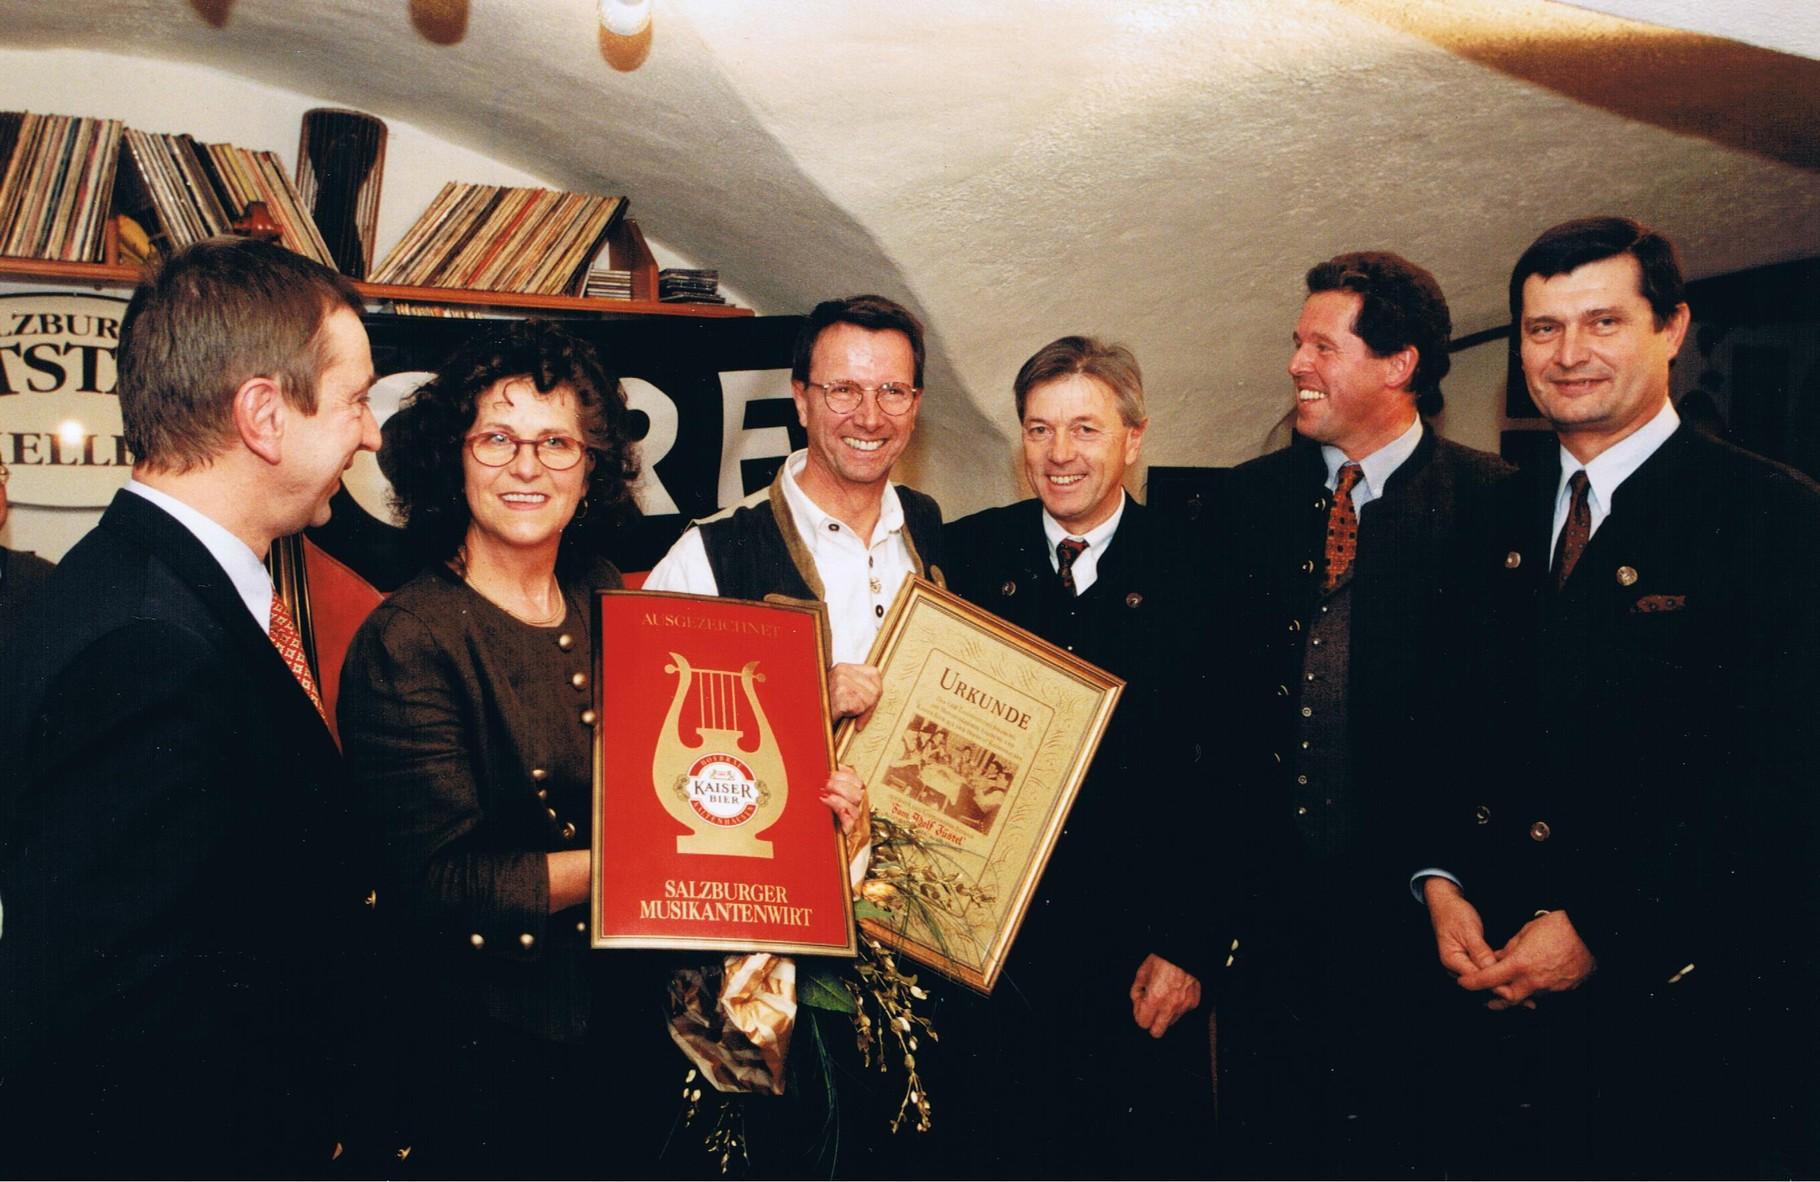 Altstadkeller Auszeichnung ORF zum Musikantenwirt